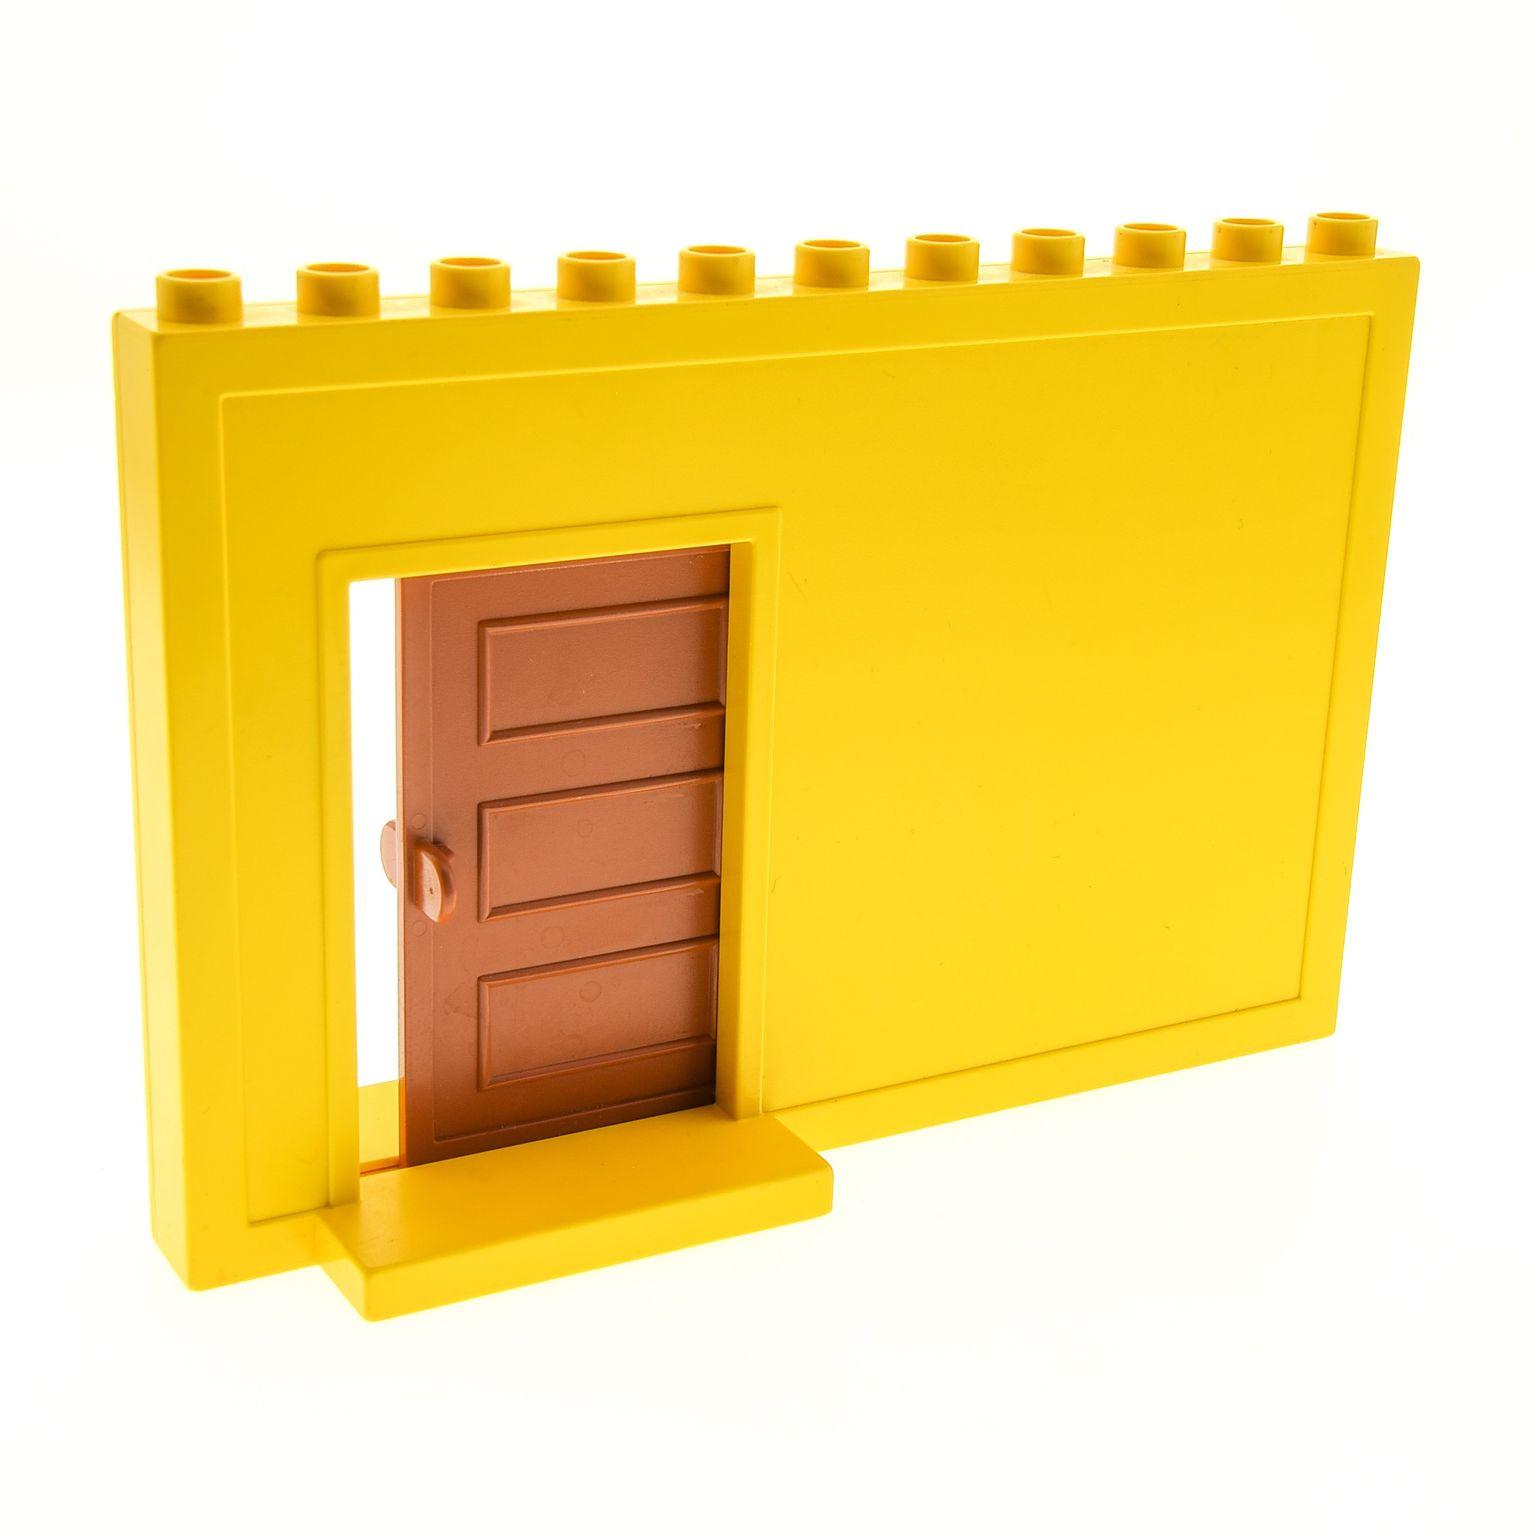 1 X Lego Duplo Wand Element Gelb 1 X 11 X 6 Mit Schiebetür Braun Zimmer  Haus Tür Mauer Puppenhaus 4901c01